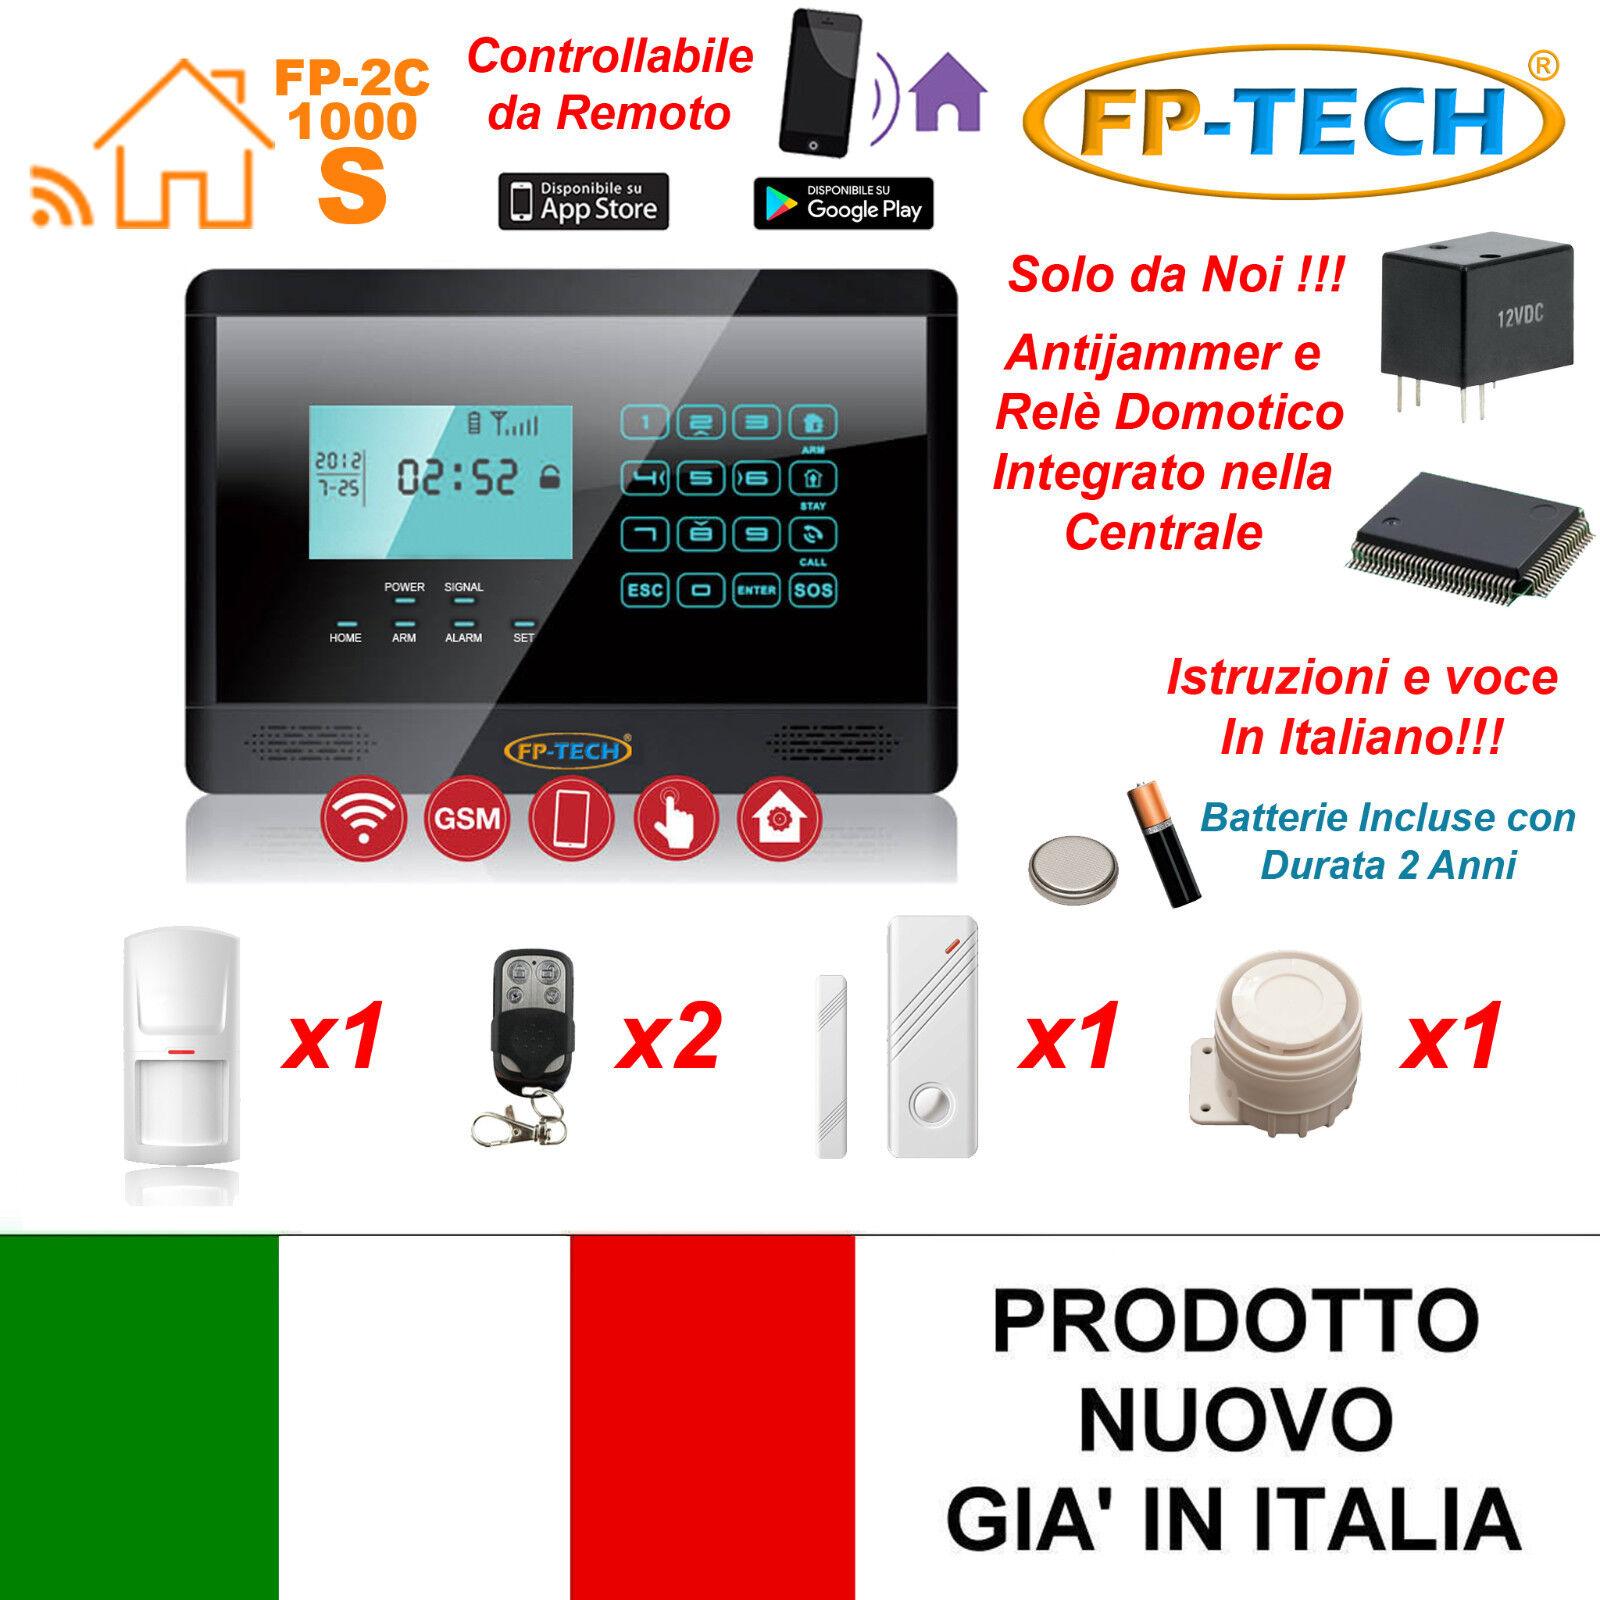 Antirrobo Alarma Táctil Casa Combinador Gsm Inalámbrico No Cables Fp M2e Negro